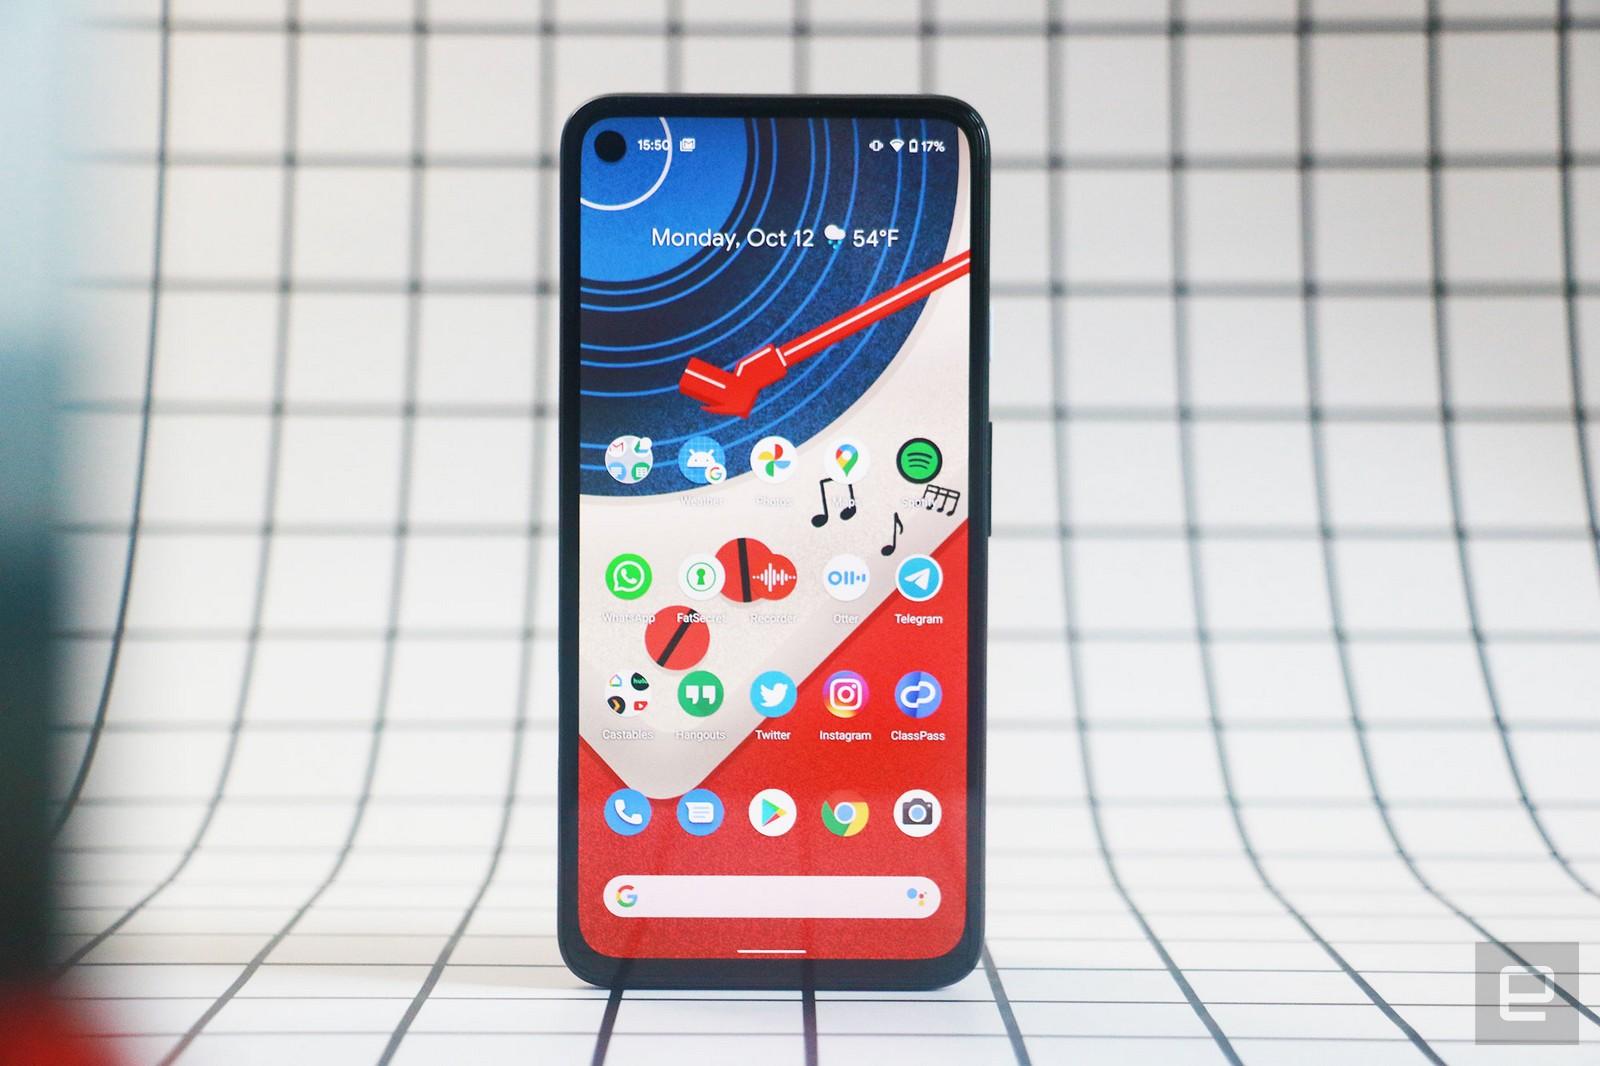 Pixel 5g google 4a